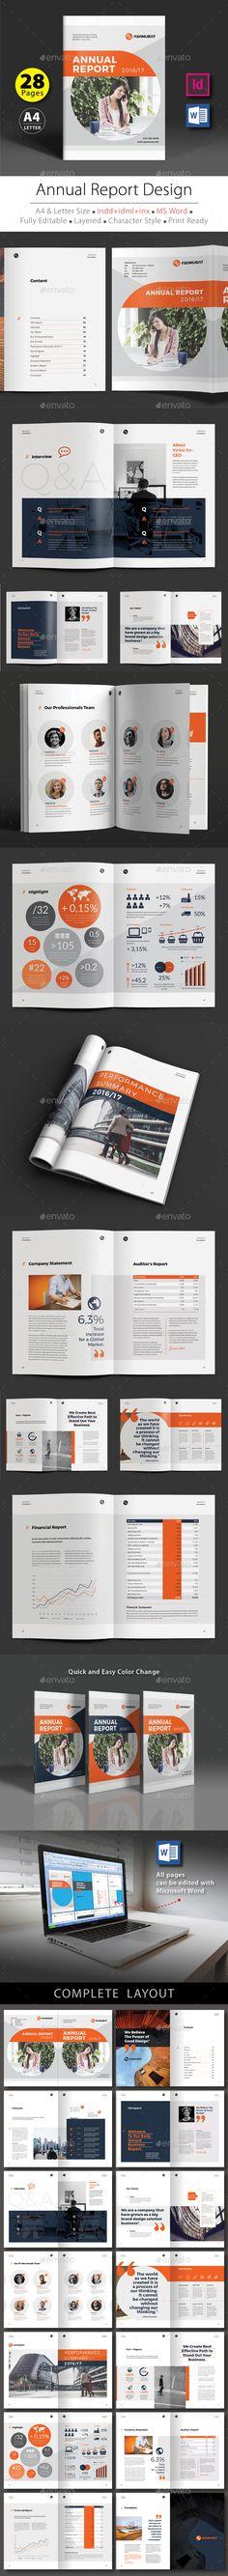 Annual Report Design Template V.4